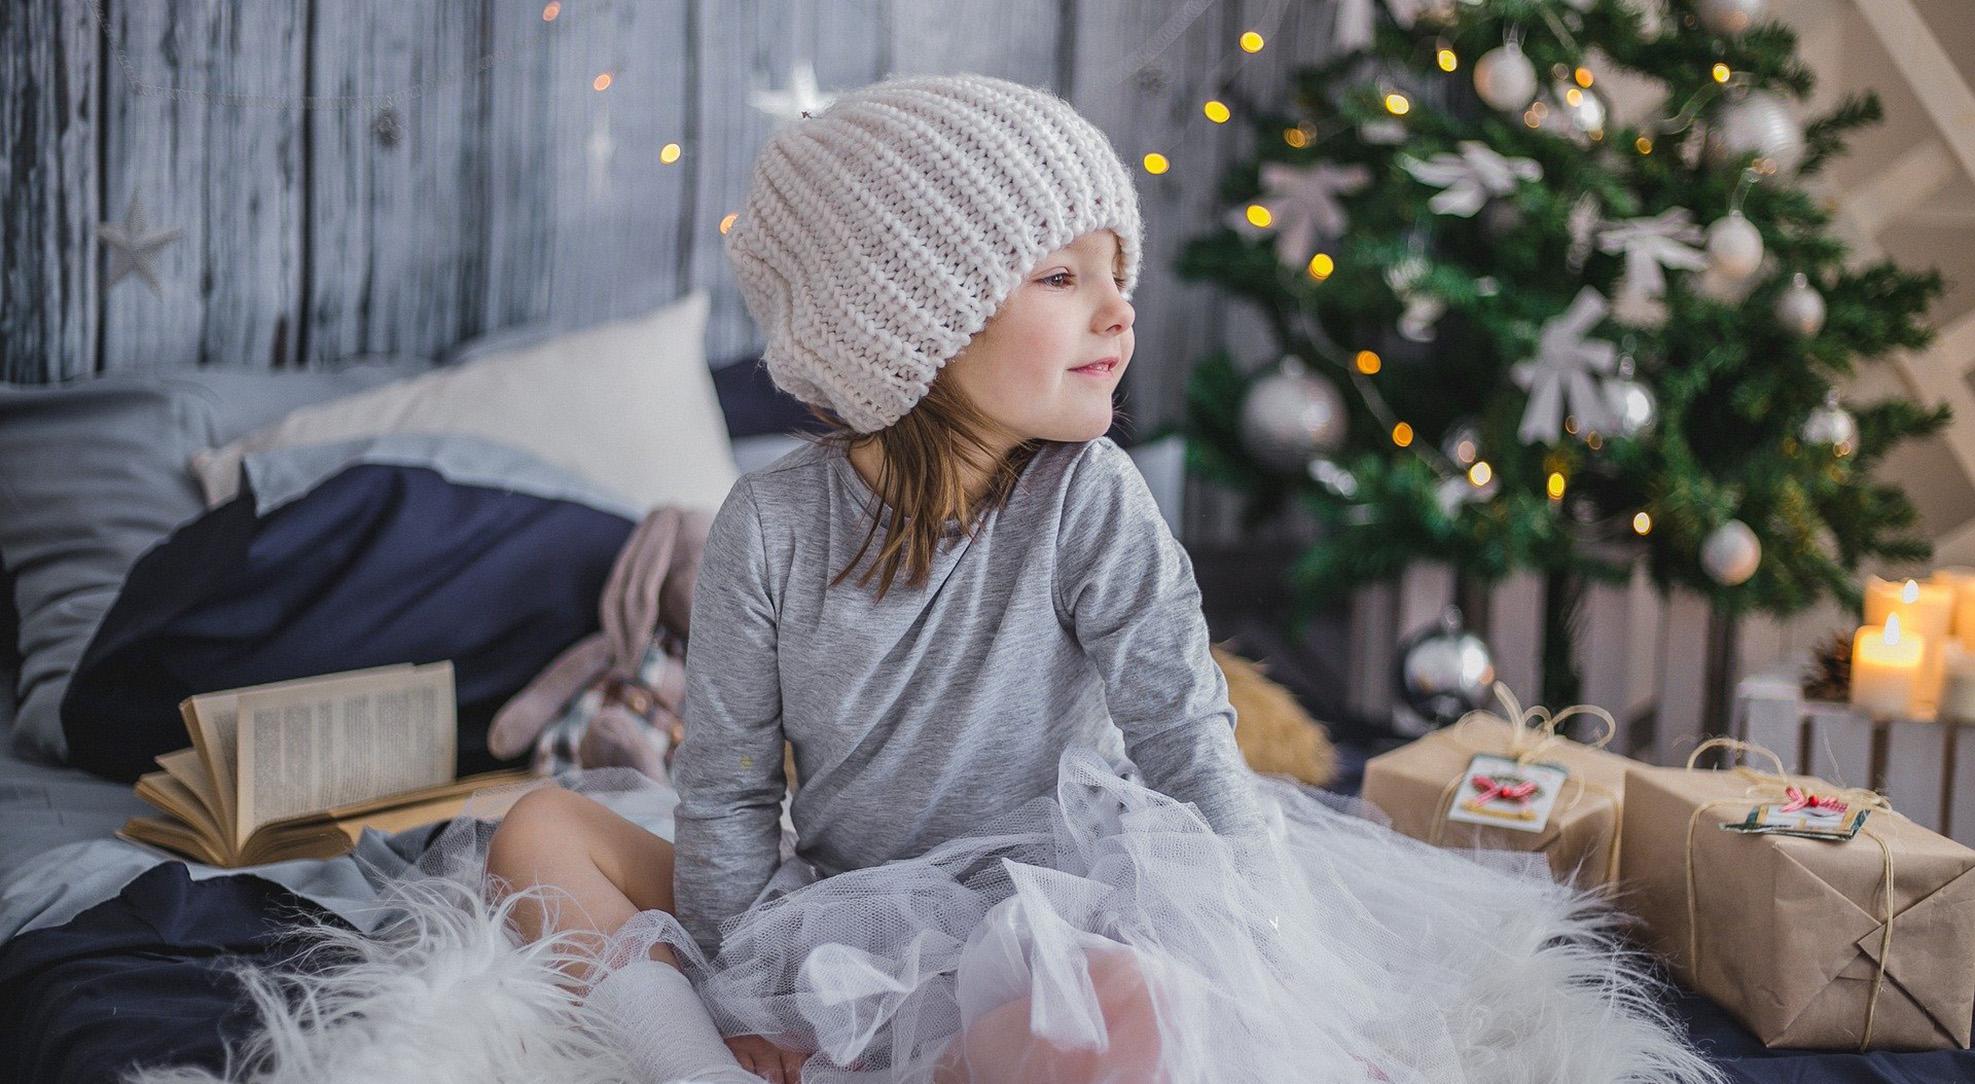 5 детских книг для веселых каникул: новогодние сказки, игры и поделки